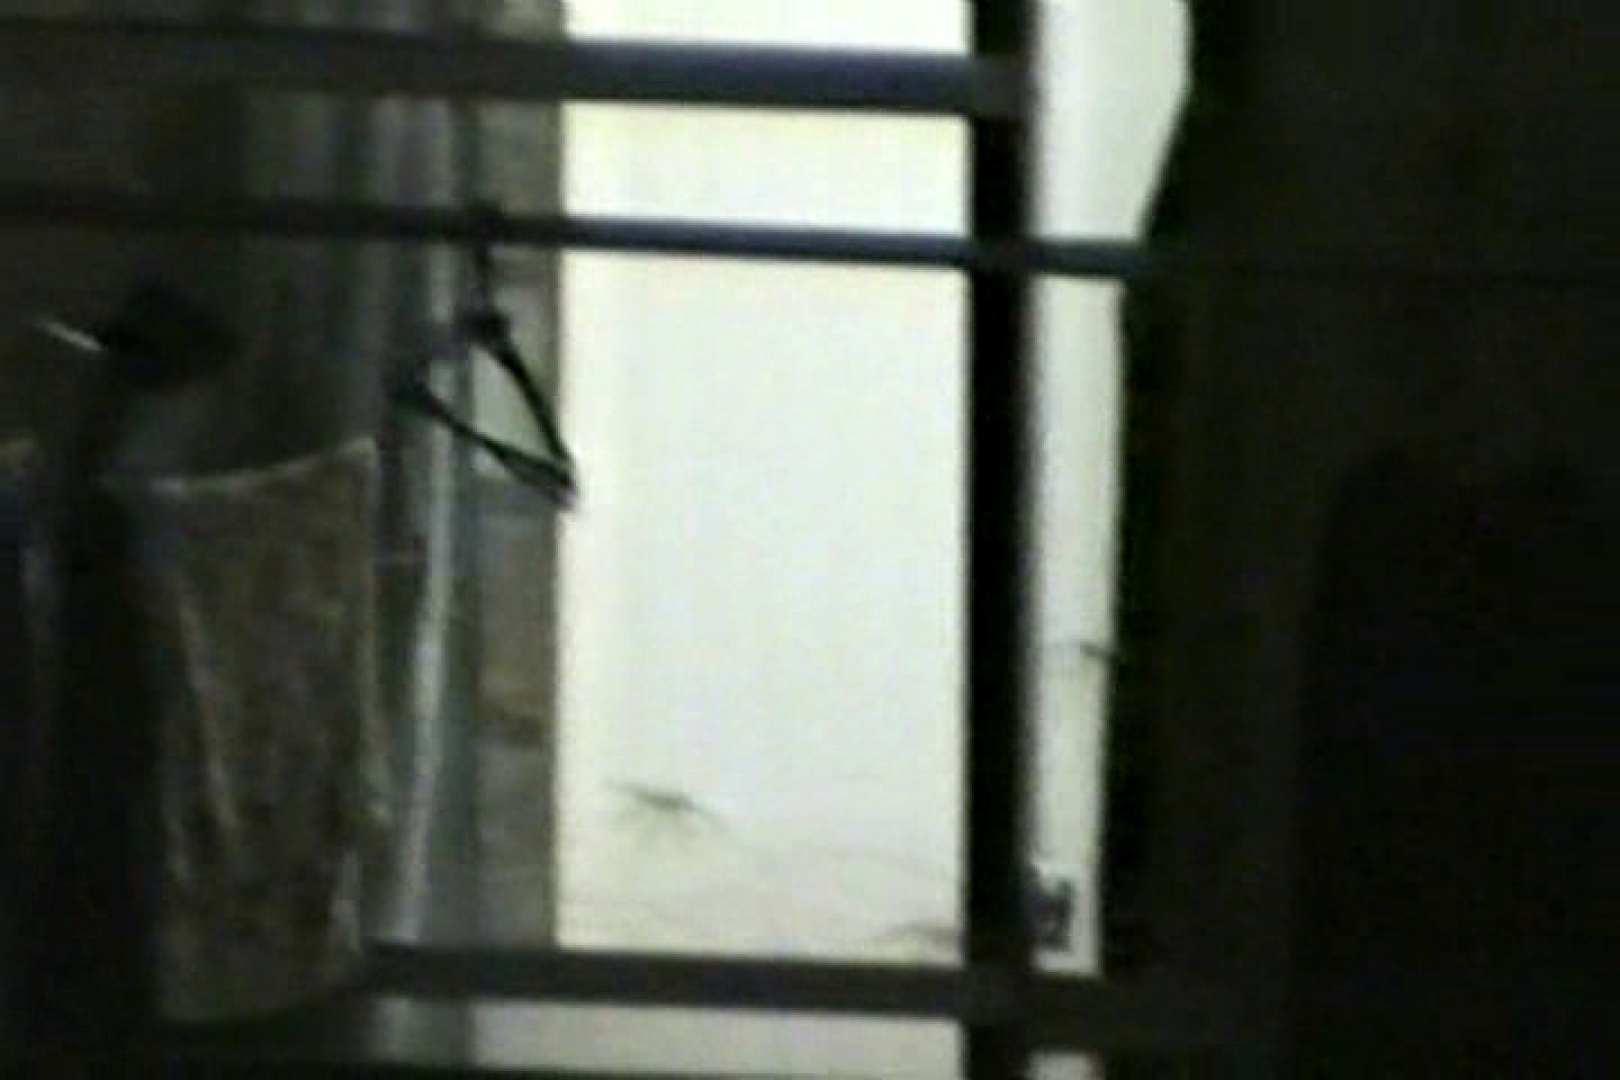 究極の民家覗き撮りVol.4 盗撮師作品 セックス画像 73pic 20